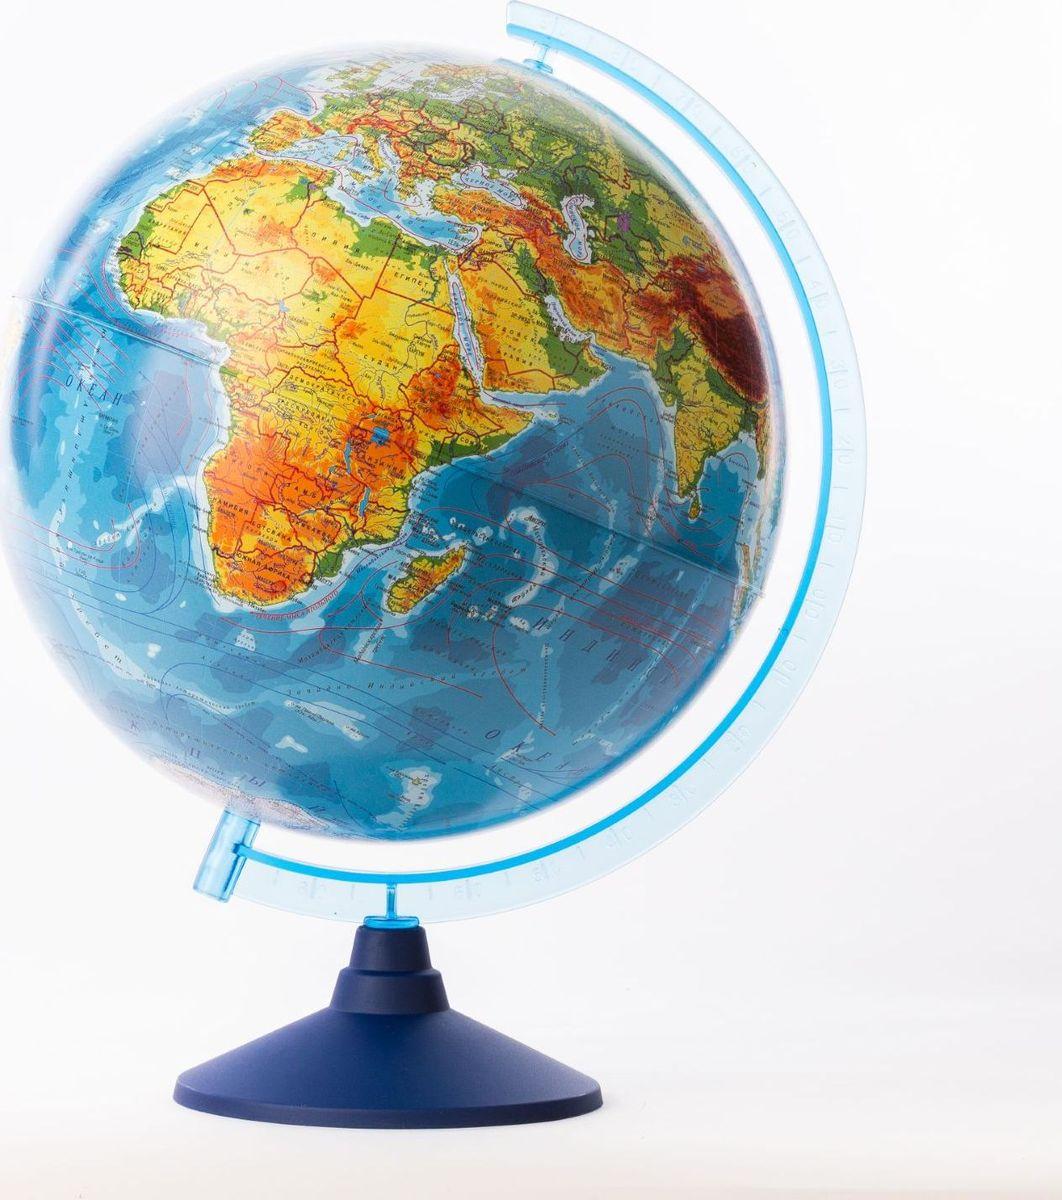 Глобен Глобус физический Классик Евро диаметр 32 смКе022500193Глобус для всех, глобус каждому!Глобус — самый простой способ привить ребенку любовь к географии. Он является отличным наглядным примером, который способен в игровой доступной и понятной форме объяснить понятия о планете Земля.Также интерес к глобусам проявляют не только детки, но и взрослые. Для многих уменьшенная копия планеты заменяет атлас мира из-за своей доступности и универсальности.Умный подарок! Кому принято дарить глобусы? Всем! Глобус физический диаметр 320мм Классик Евро — это уменьшенная копия земного шара, в которой каждый найдет для себя что-то свое.путешественники и заядлые туристы смогут отмечать с помощью стикеров те места, в которых побывали или собираются их посетитьделовые и успешные люди оценят такой подарок по достоинству, потому что глобус ассоциируется со статусом и властьюпреподаватели, ученые, студенты или просто неординарные личности также найдут для глобуса достойное место в своем доме.Итак, спешите заказать настольные глобусы в нашем интернет-магазине по привлекательным ценам, и помните, кто владеет глобусом, тот владеет миром!